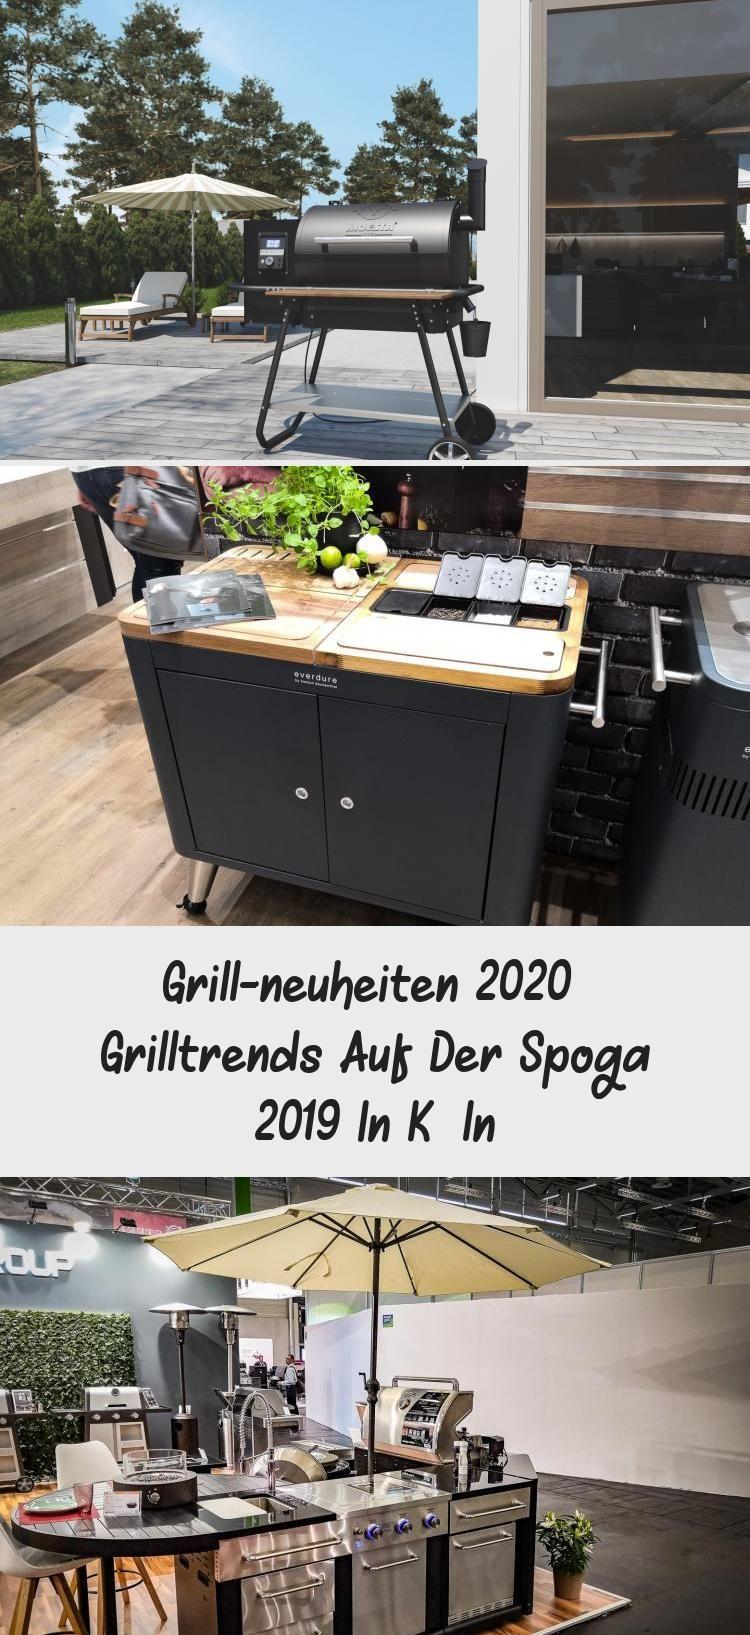 Grill Neuheiten 2020 Grilltrends Auf Der Spoga 2019 In Koln In 2020 Outdoor Decor Gas Grill Home Decor